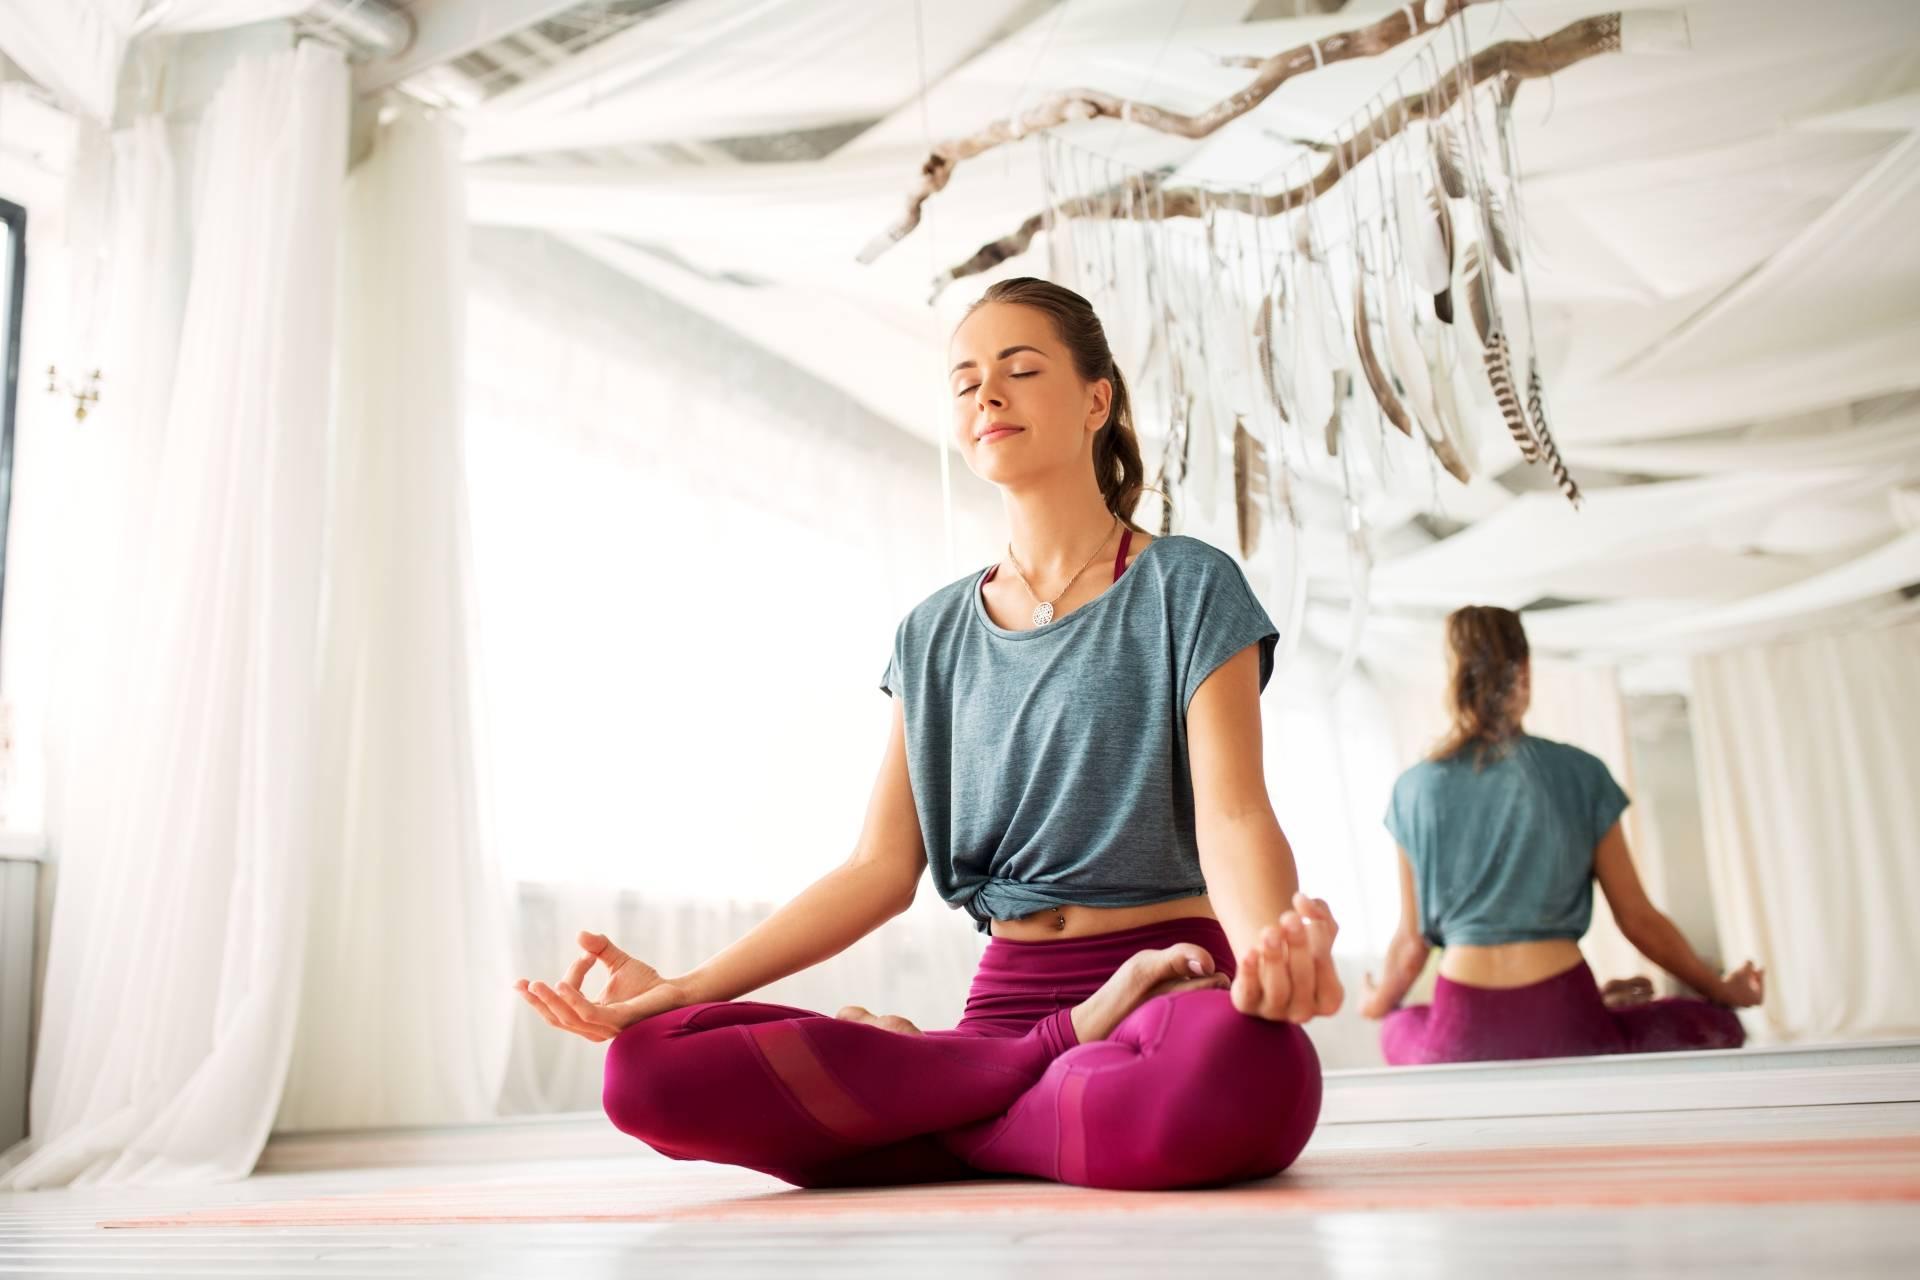 Medytacja - jak medytować? Młoda kobieta w szarym t-shircie i bordowych legginsach siedzi po turecku na sali gimnastycznej i medytuje.